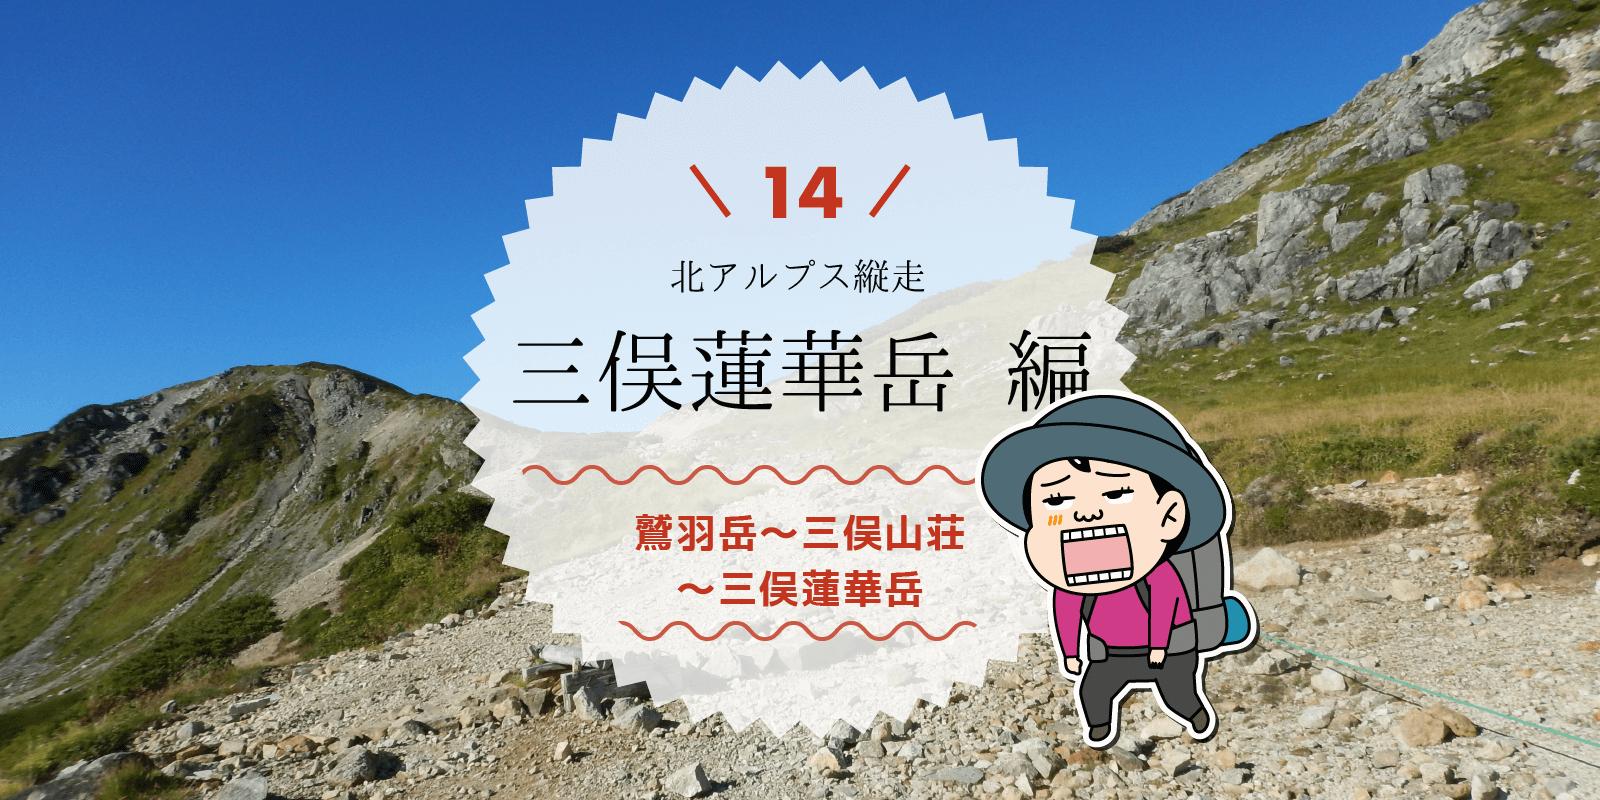 三俣蓮華岳レポタイトル画面